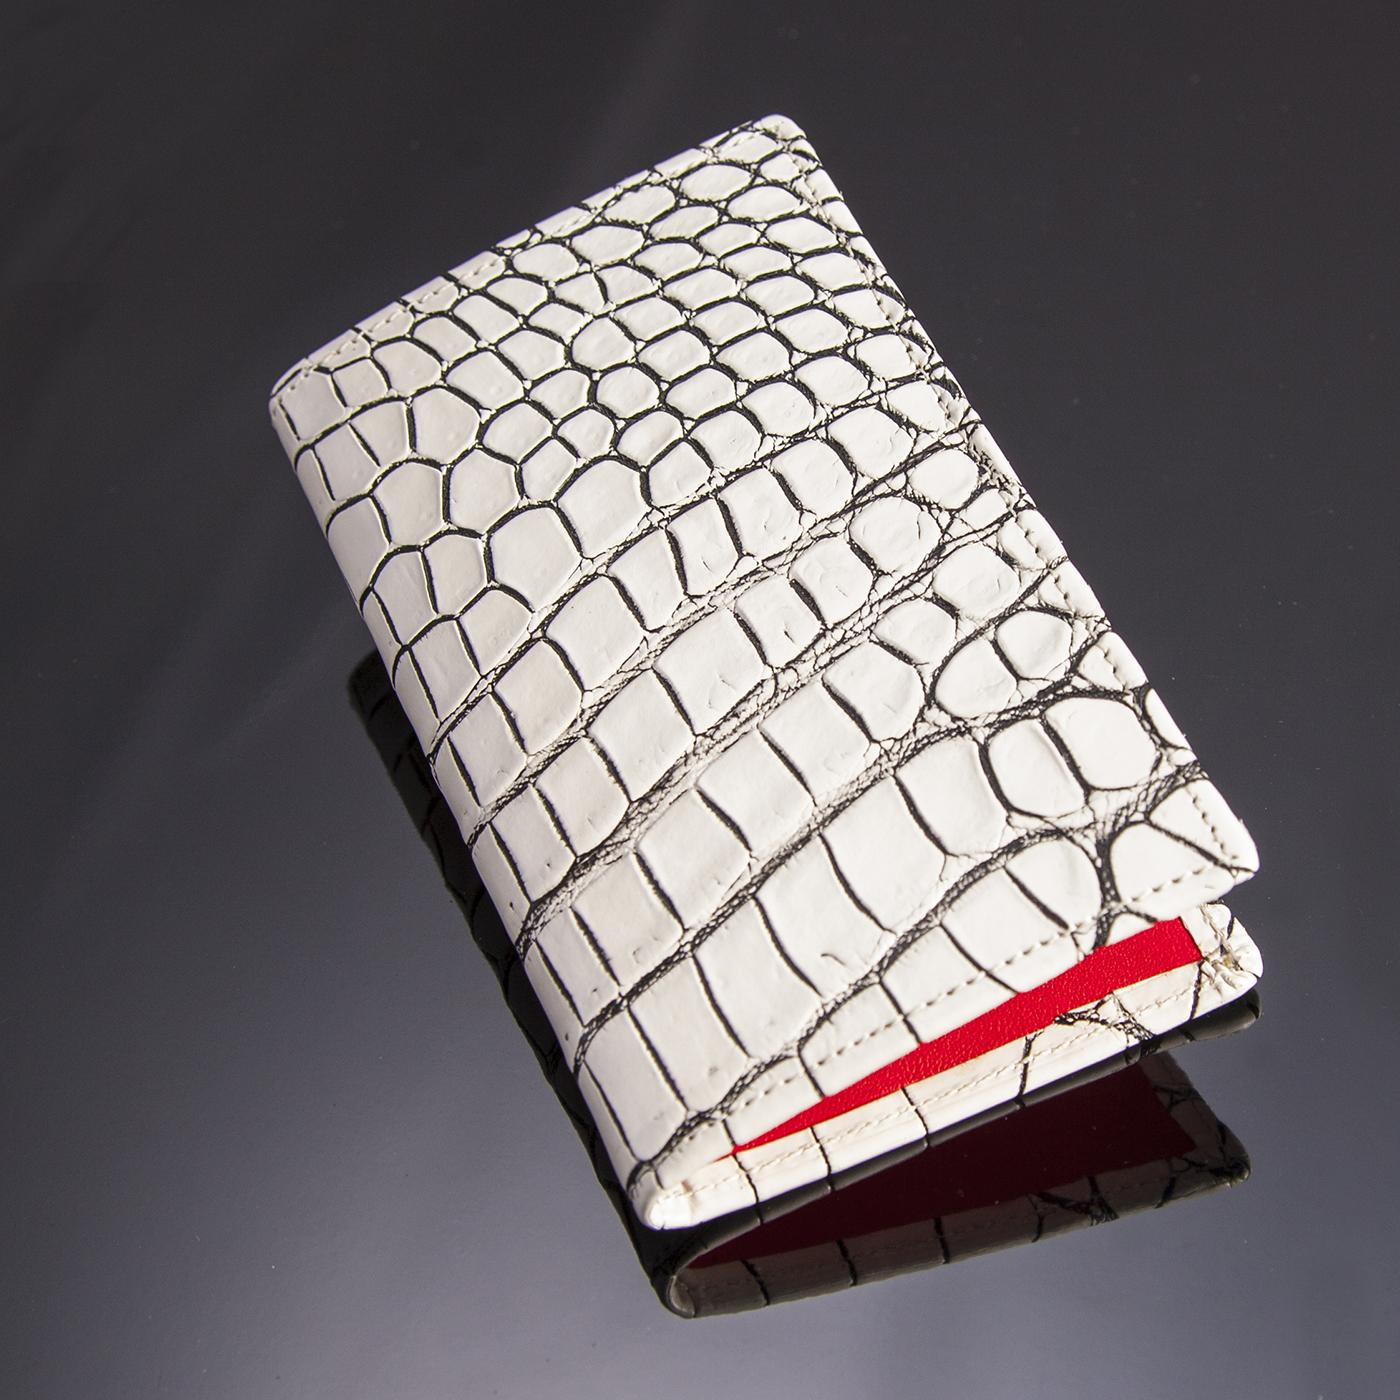 クロコダイル8枚カードケース[M1708]